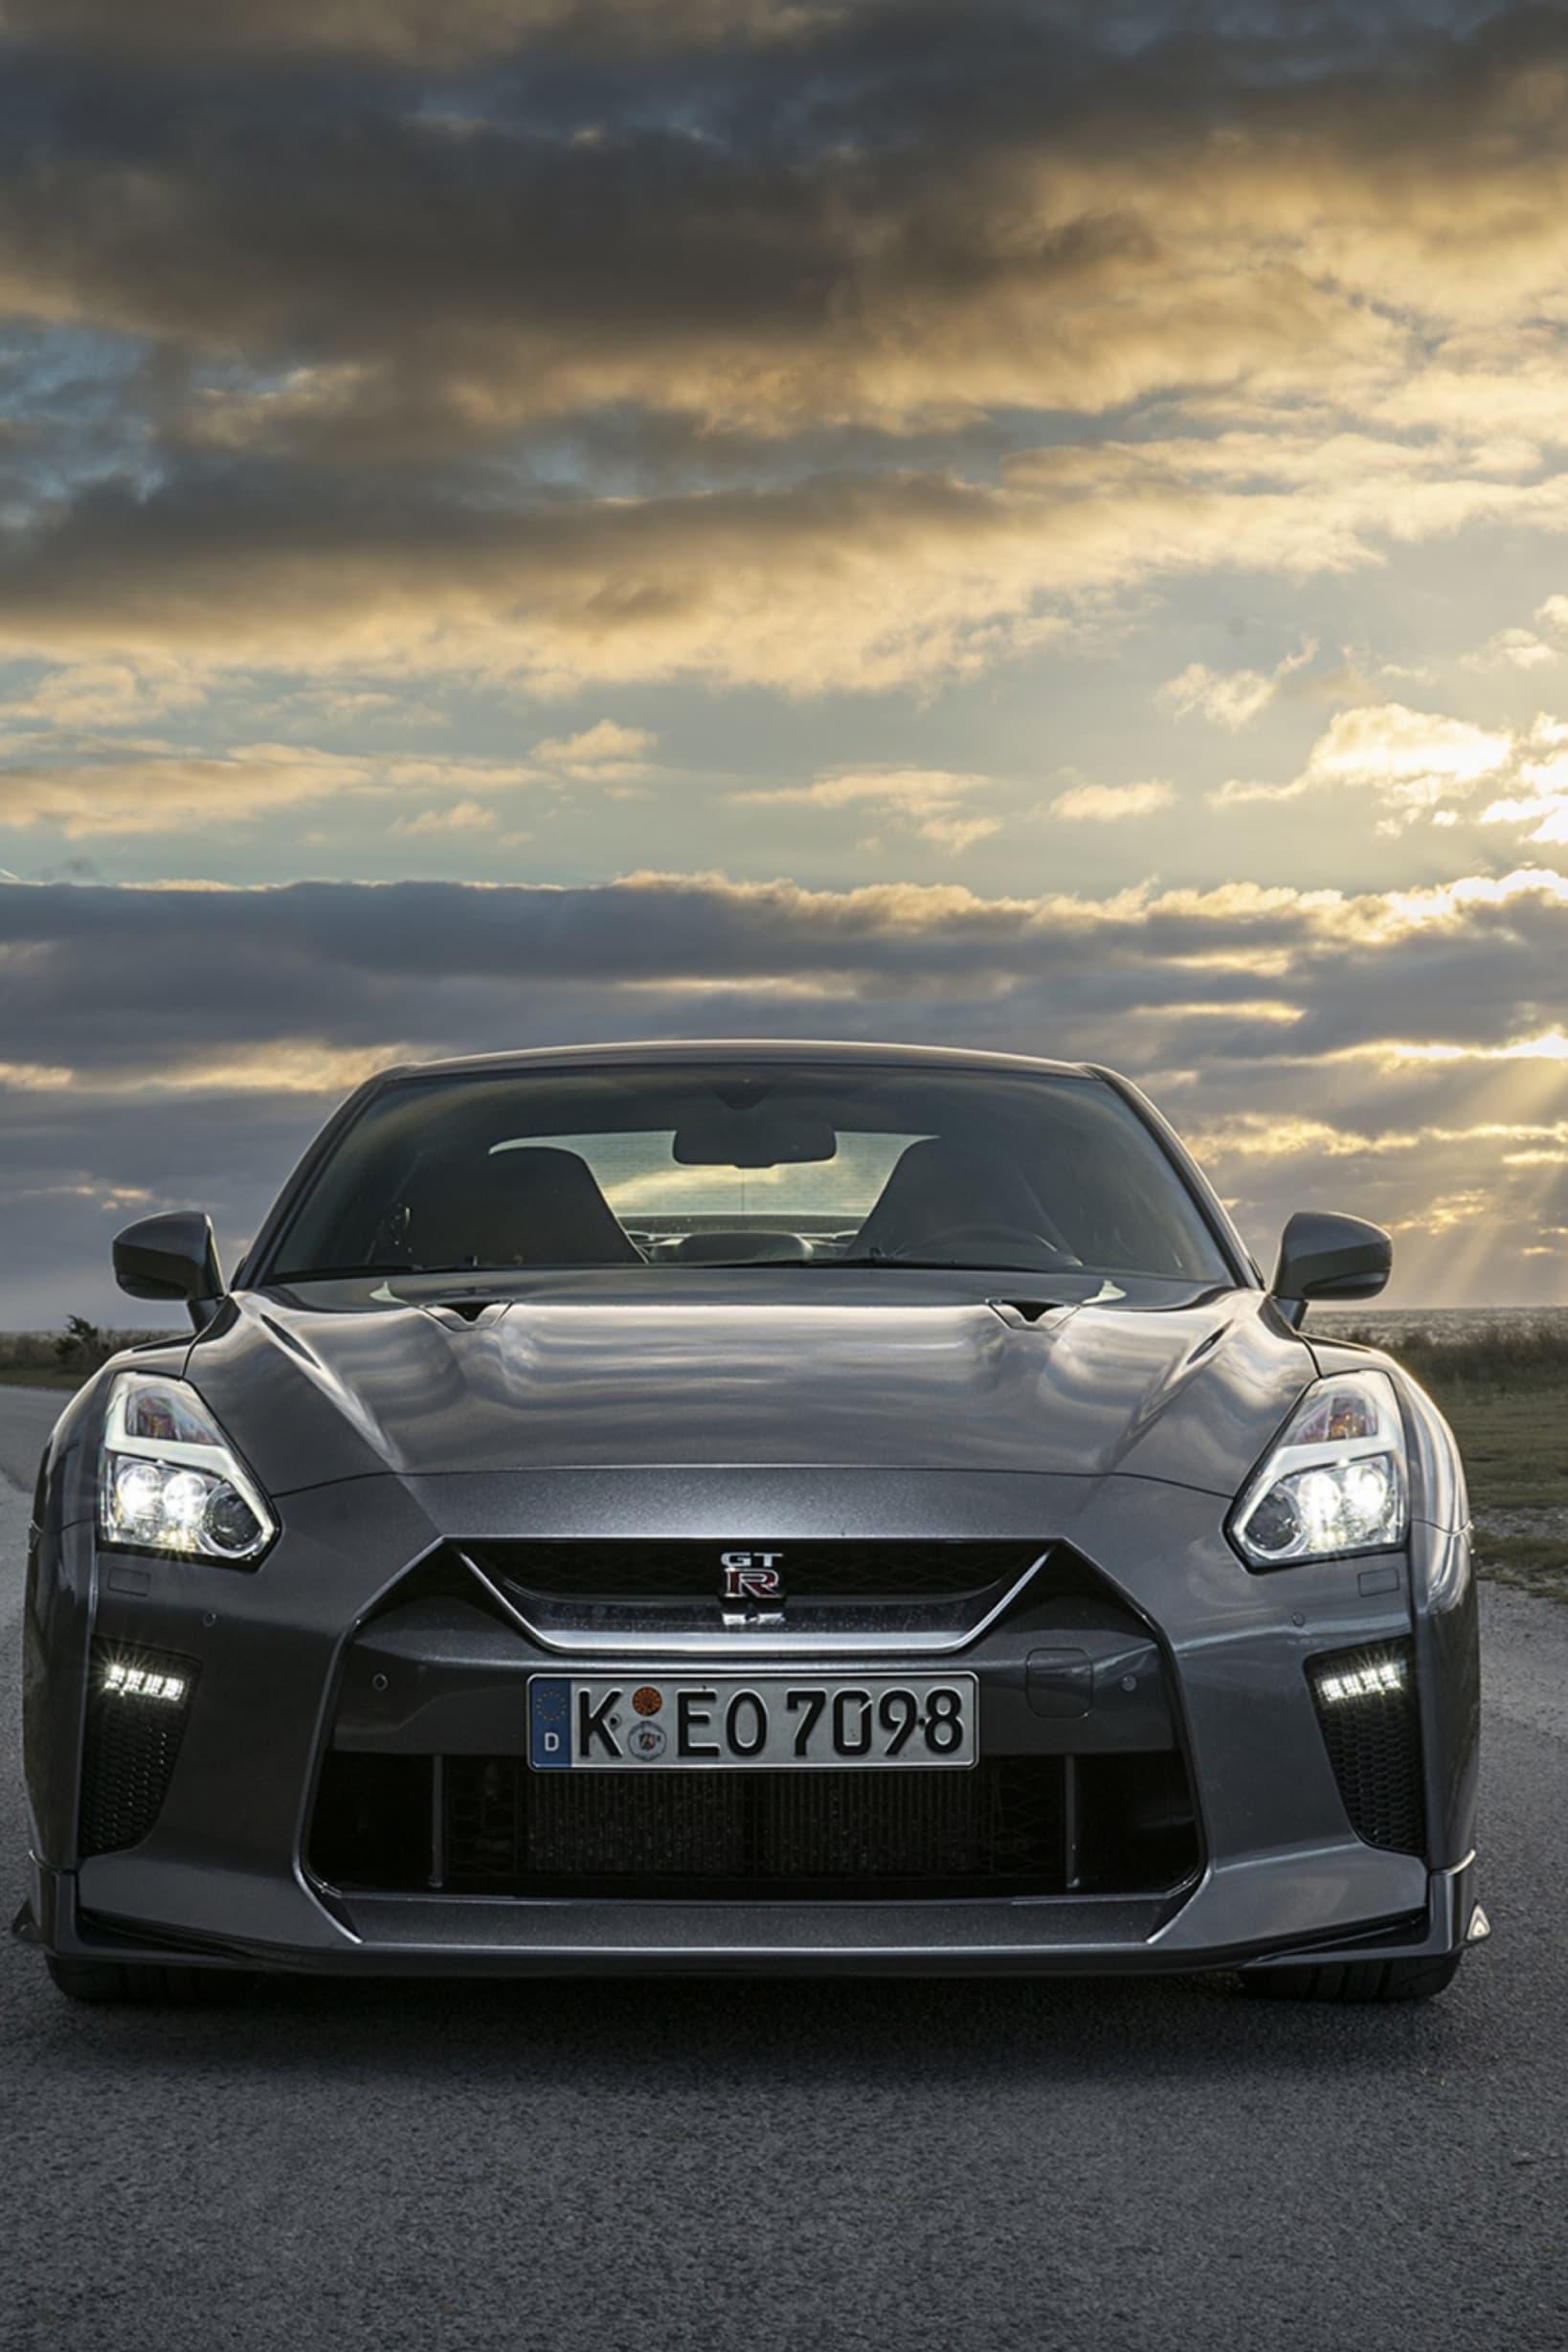 Ser du den här fronten i bakspegeln kan du lika gärna vika åt sidan, få bilar kan matcha Nissan GT R när det kommer till fartresurser.